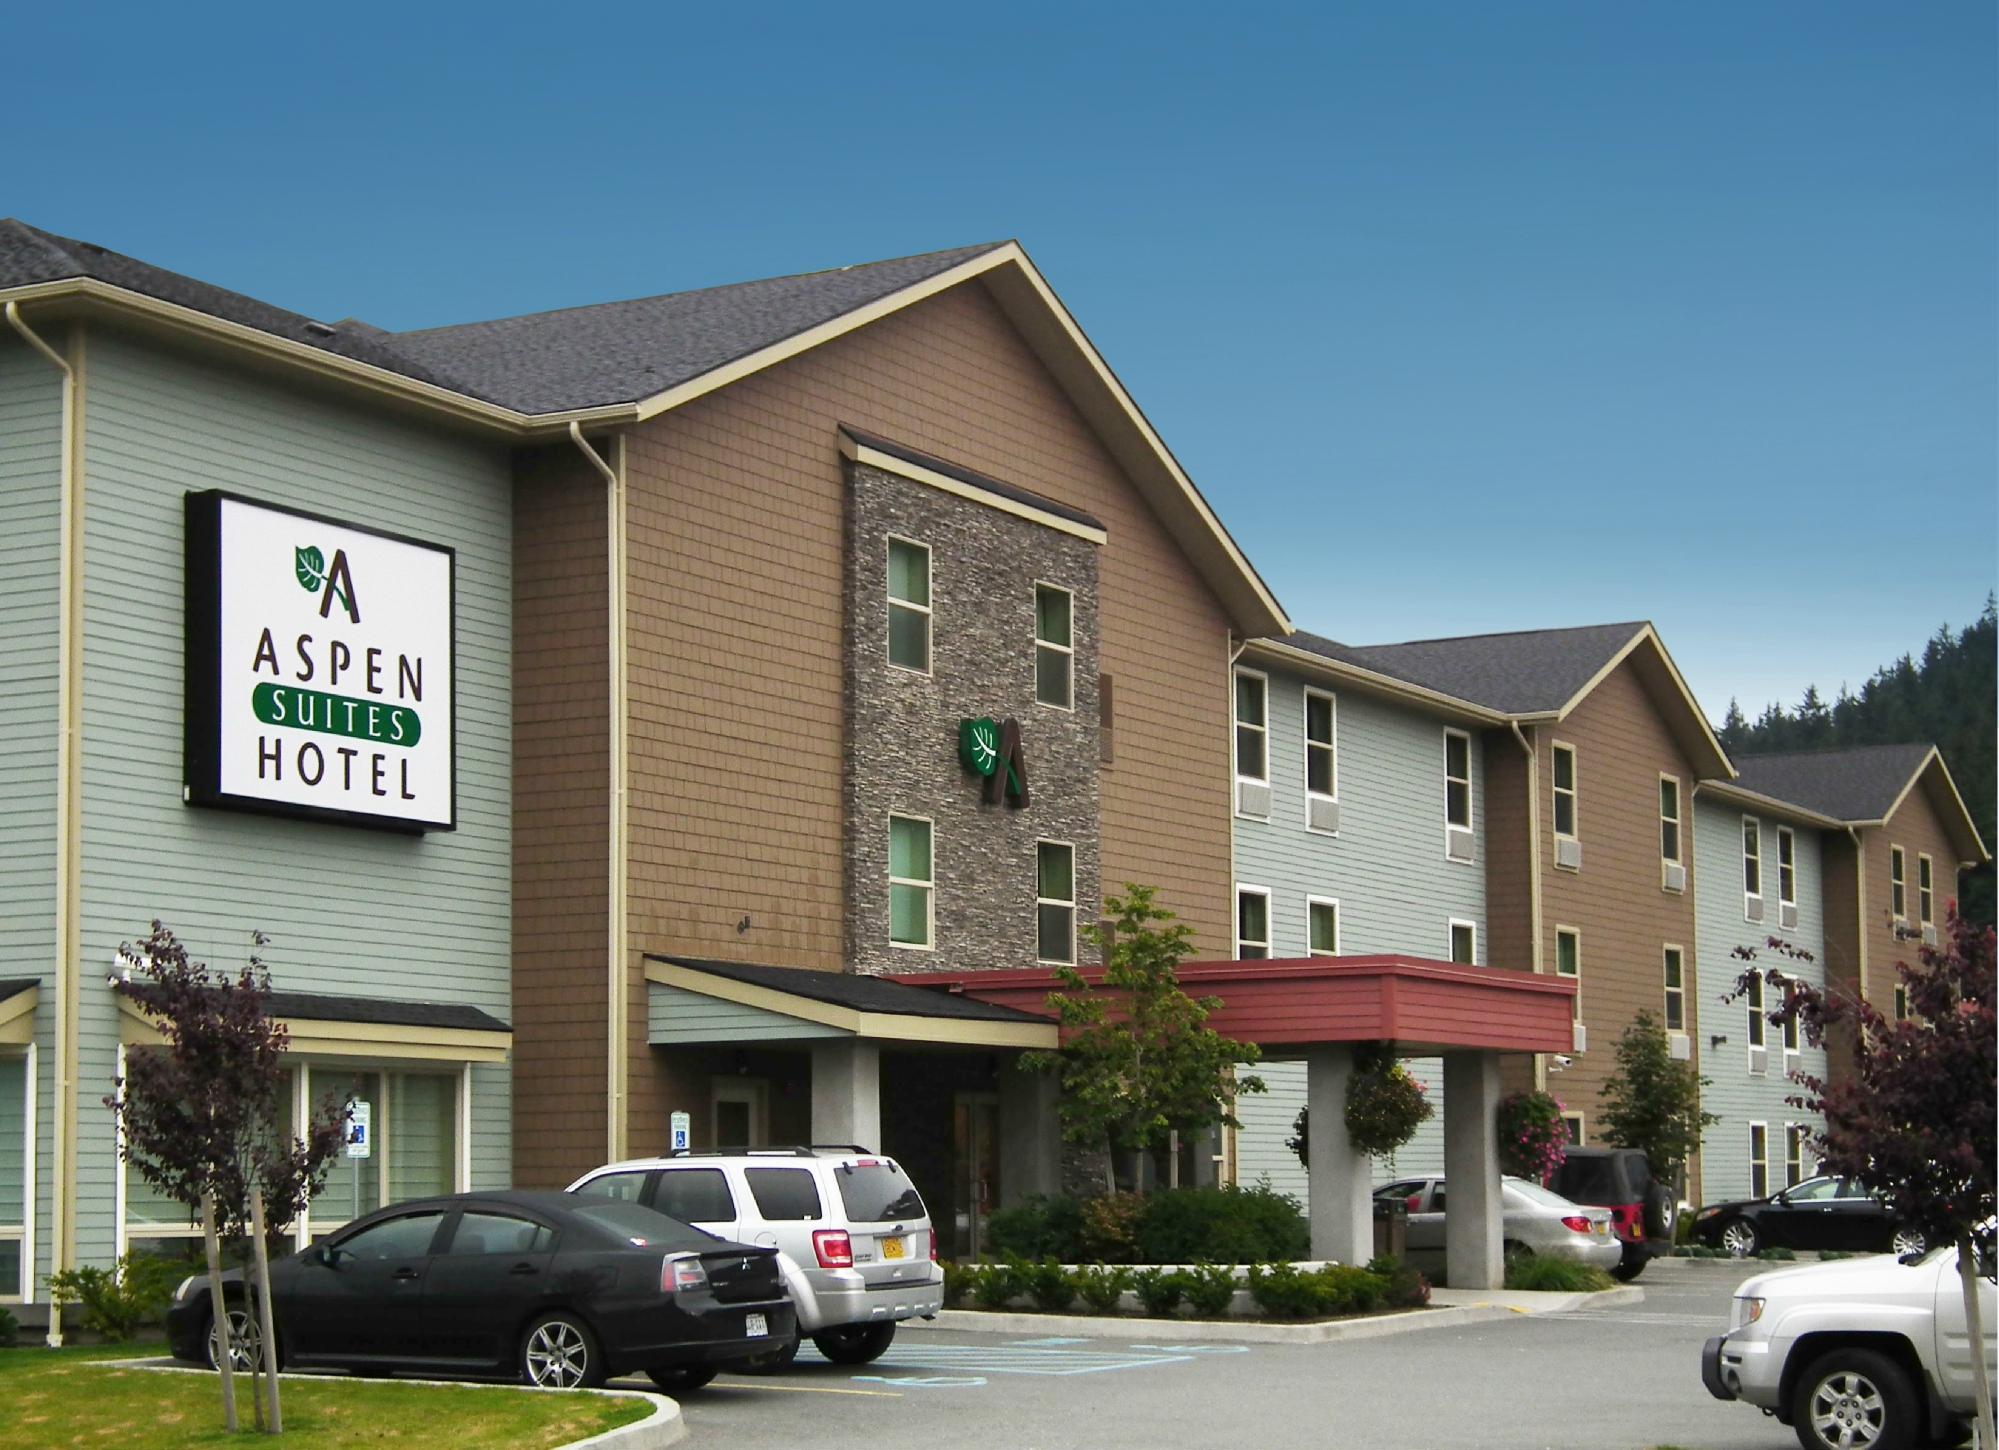 Juneau Aspen Suites Hotel